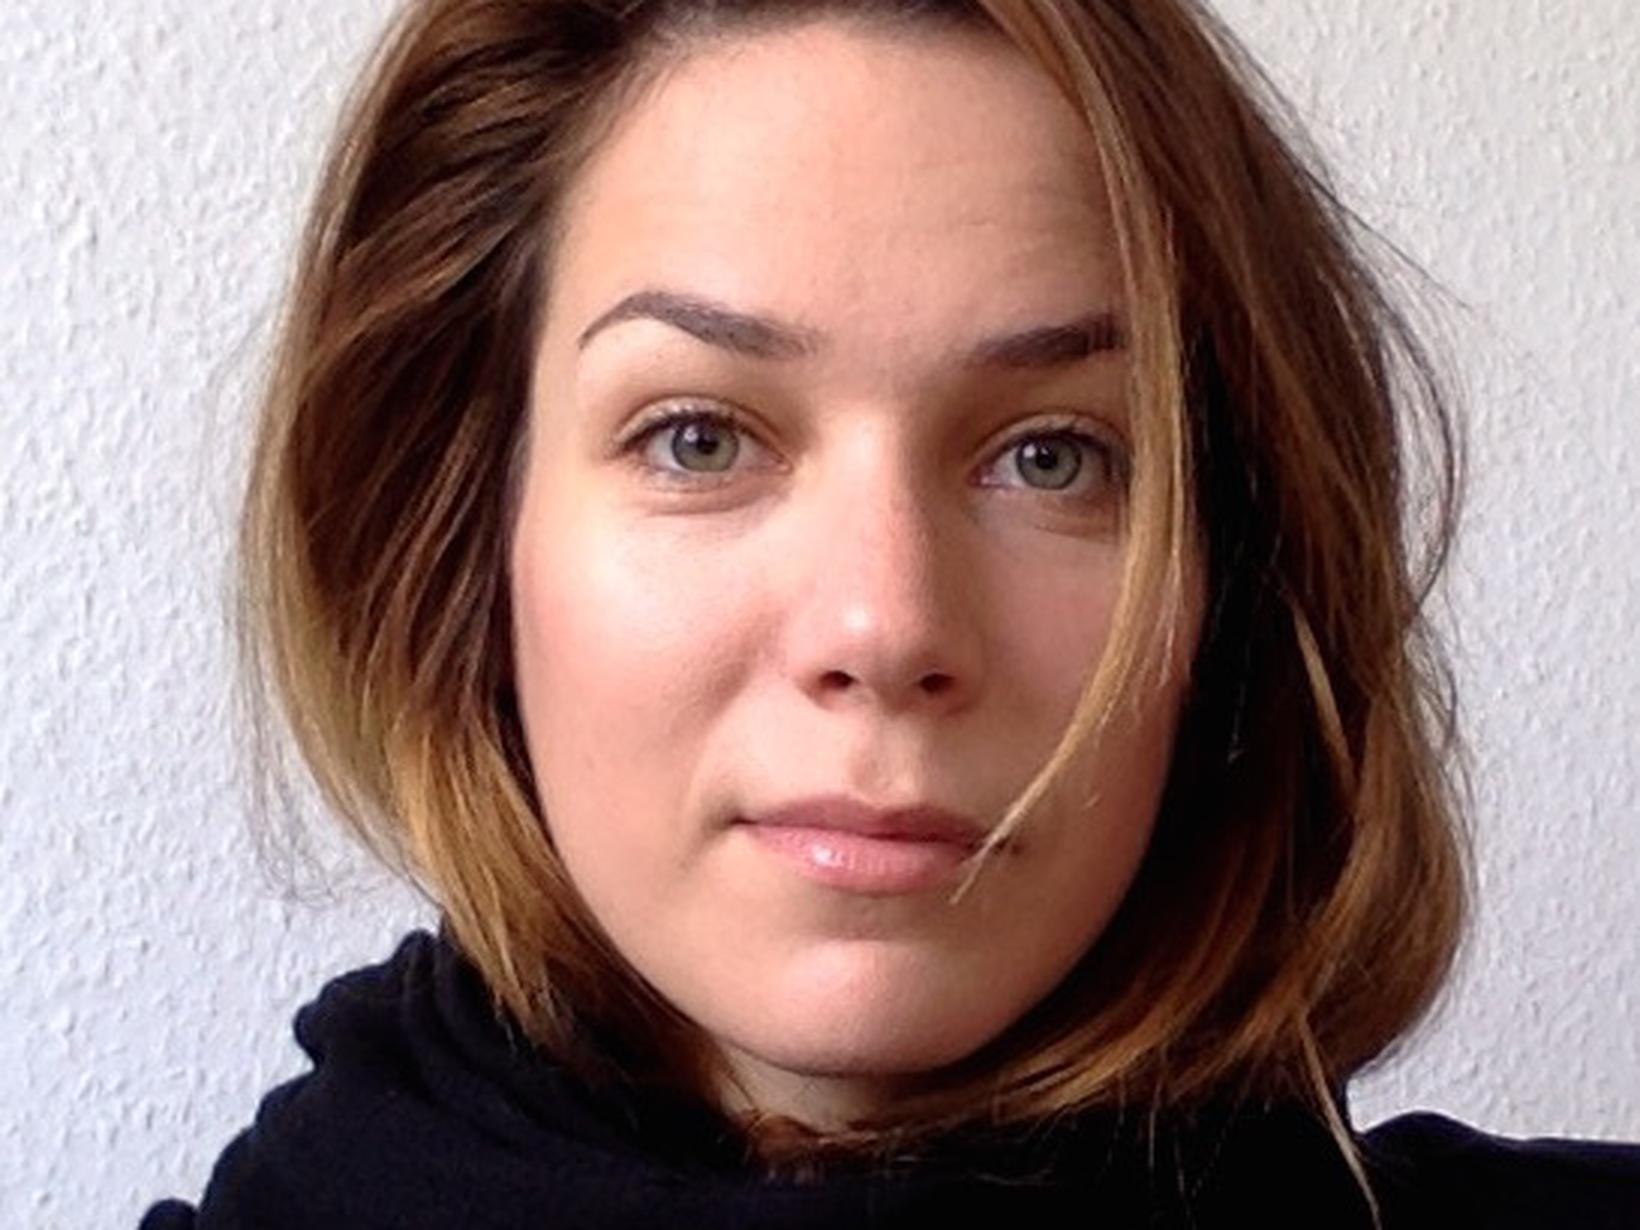 Rhiannan from London, United Kingdom